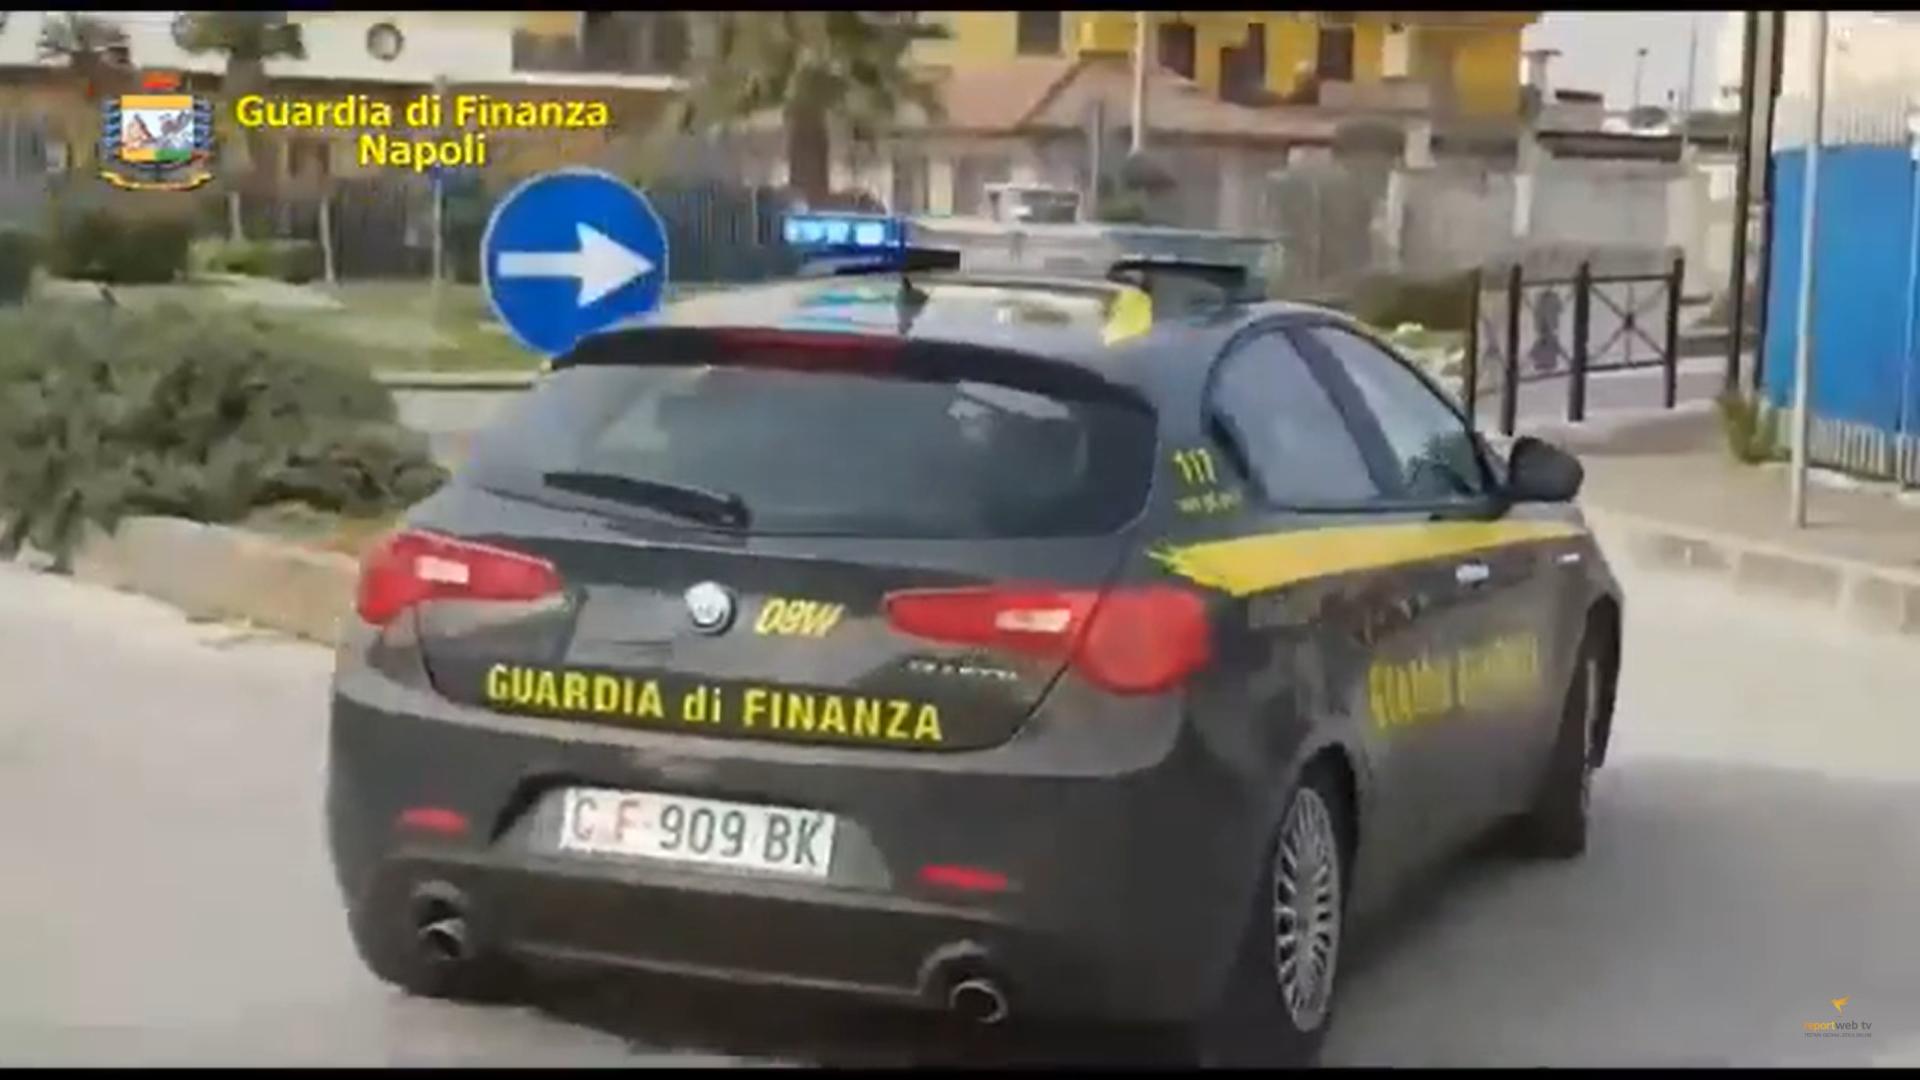 Napoli, sequestrati a un imprenditore accusato di usura beni per 36 milioni di euro: fitta la rete di prestanome